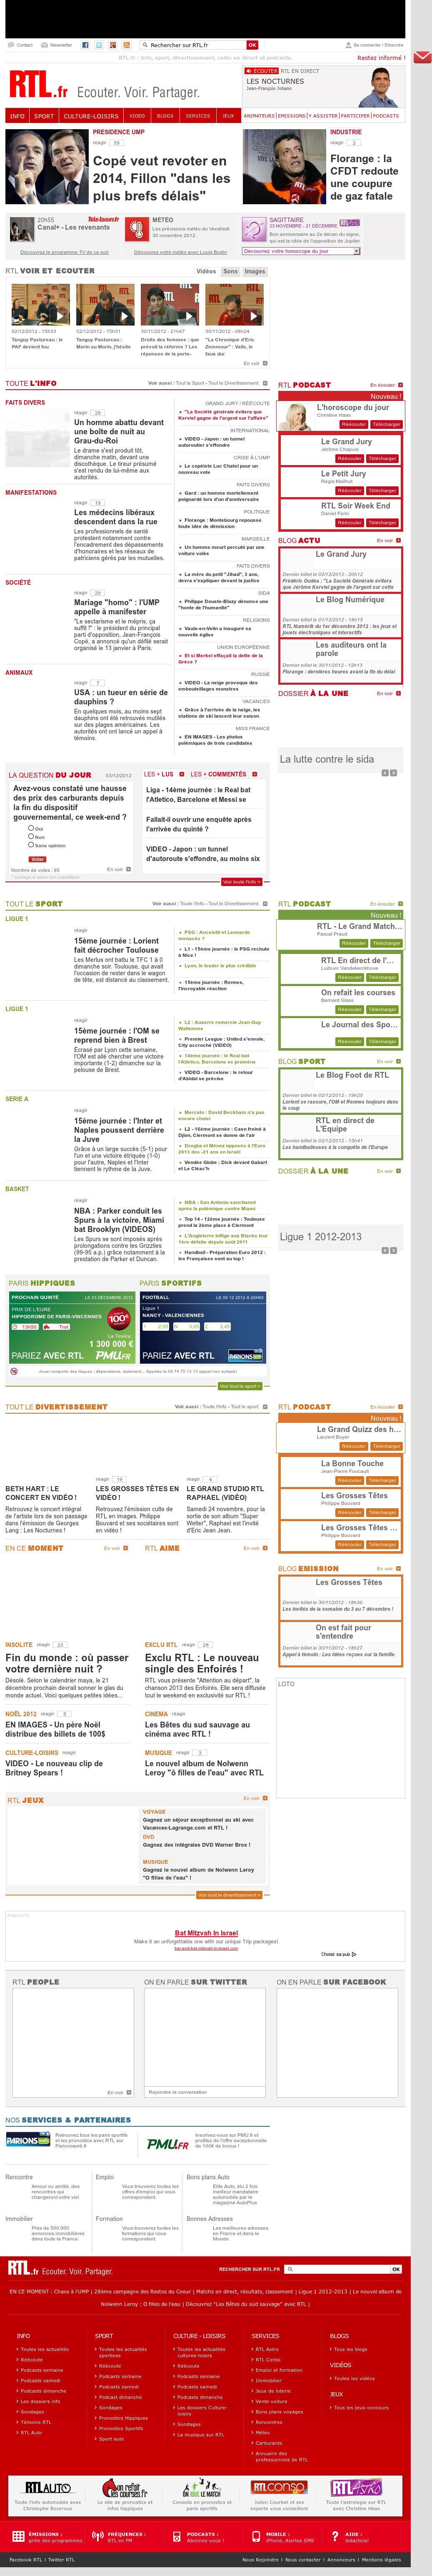 RTL at Monday Dec. 3, 2012, 12:27 a.m. UTC